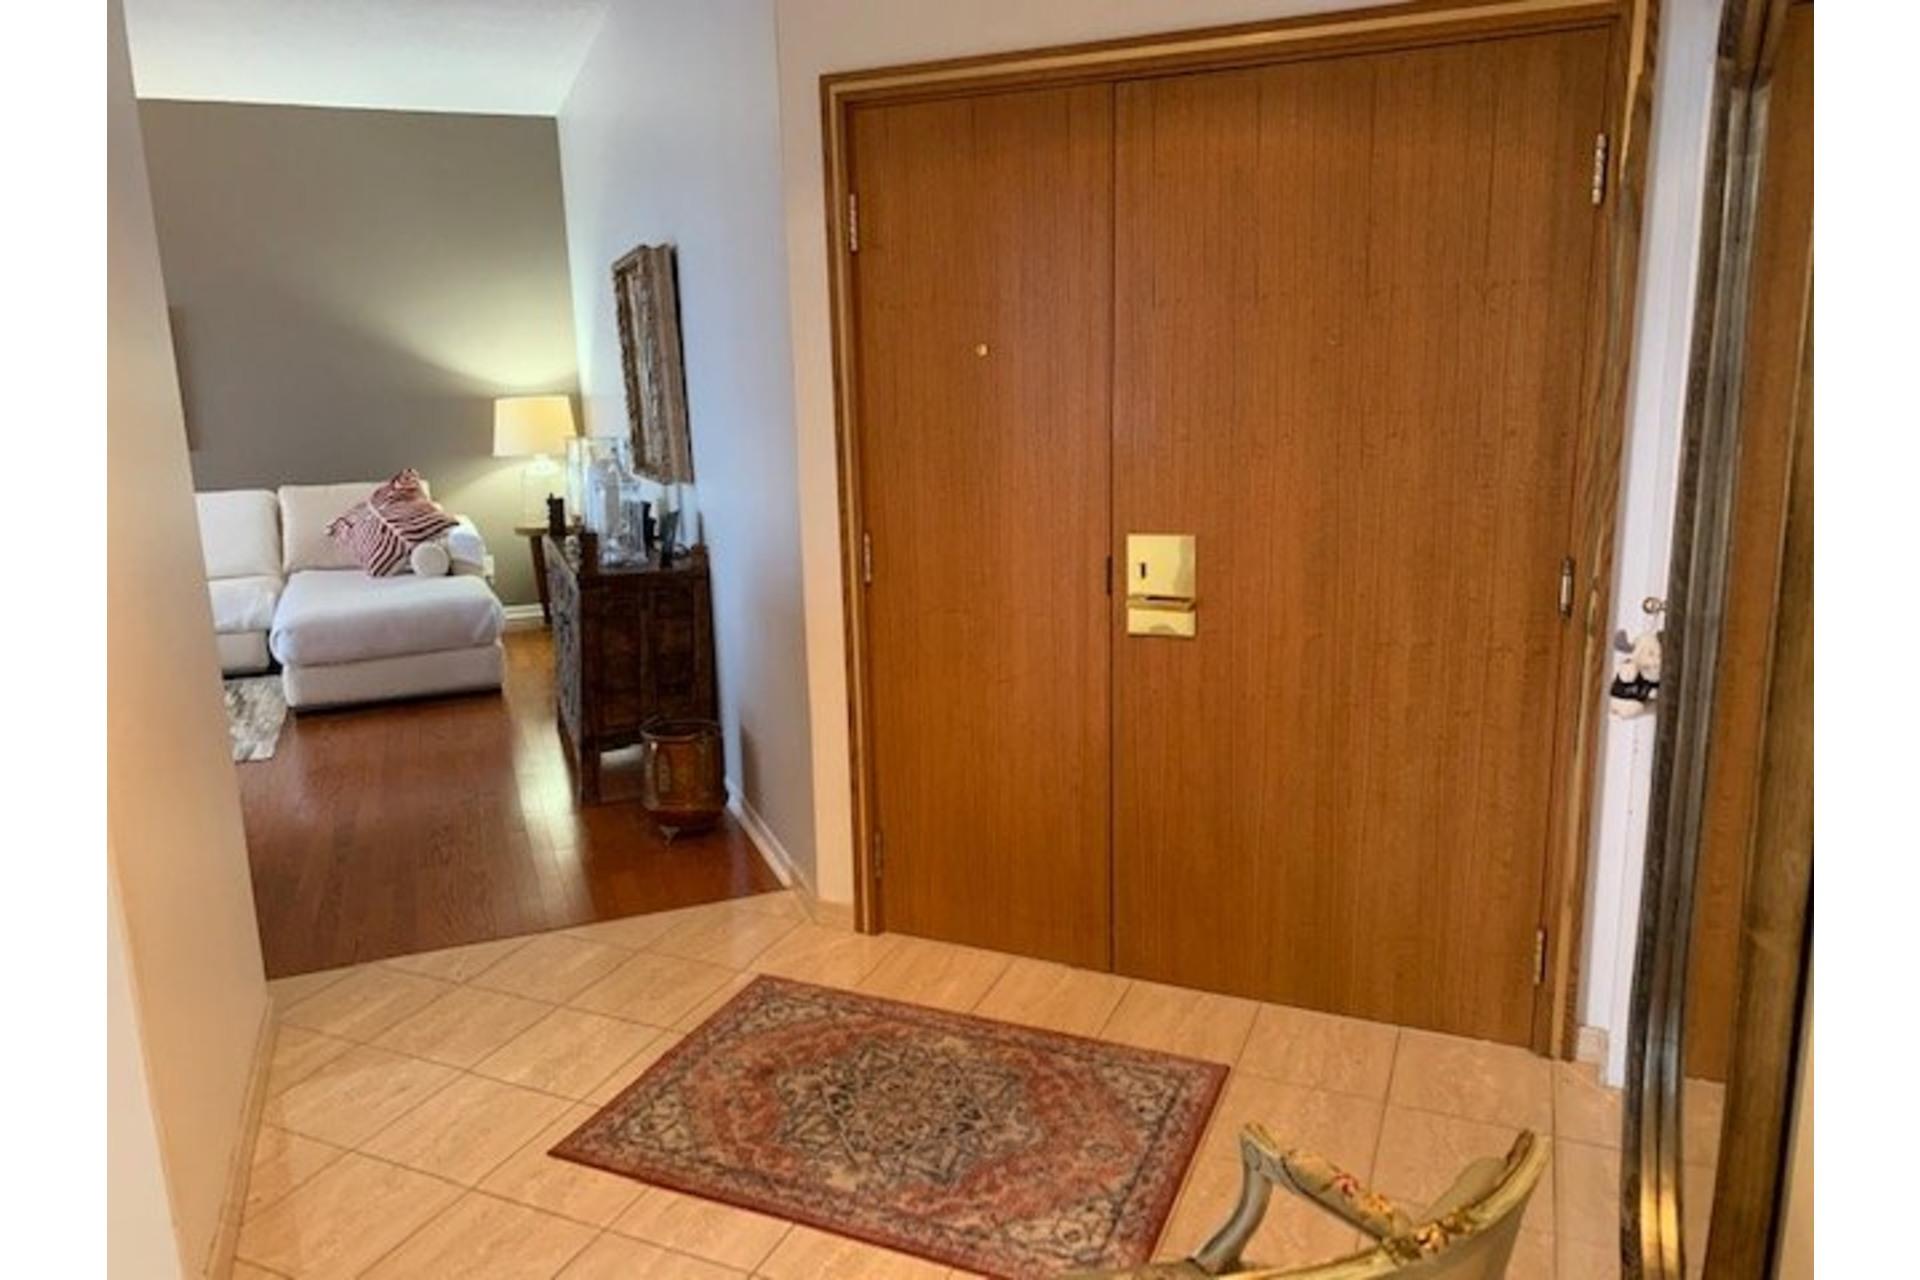 image 6 - Apartment For rent Côte-des-Neiges/Notre-Dame-de-Grâce Montréal  - 5 rooms